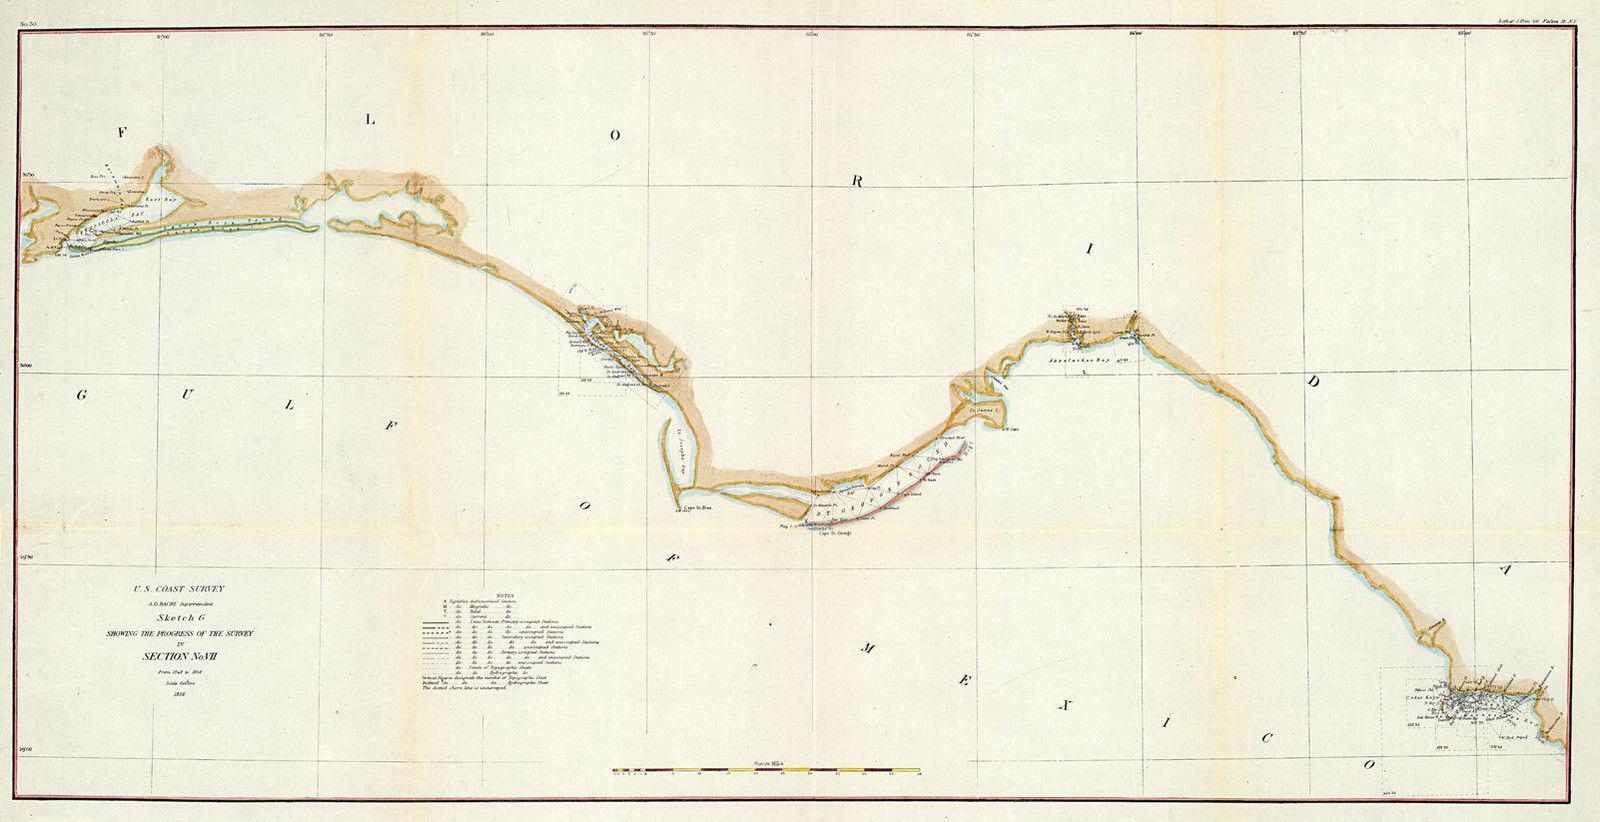 1855 Florida Panhandle Map U.S. Survey chart and 50 similar items